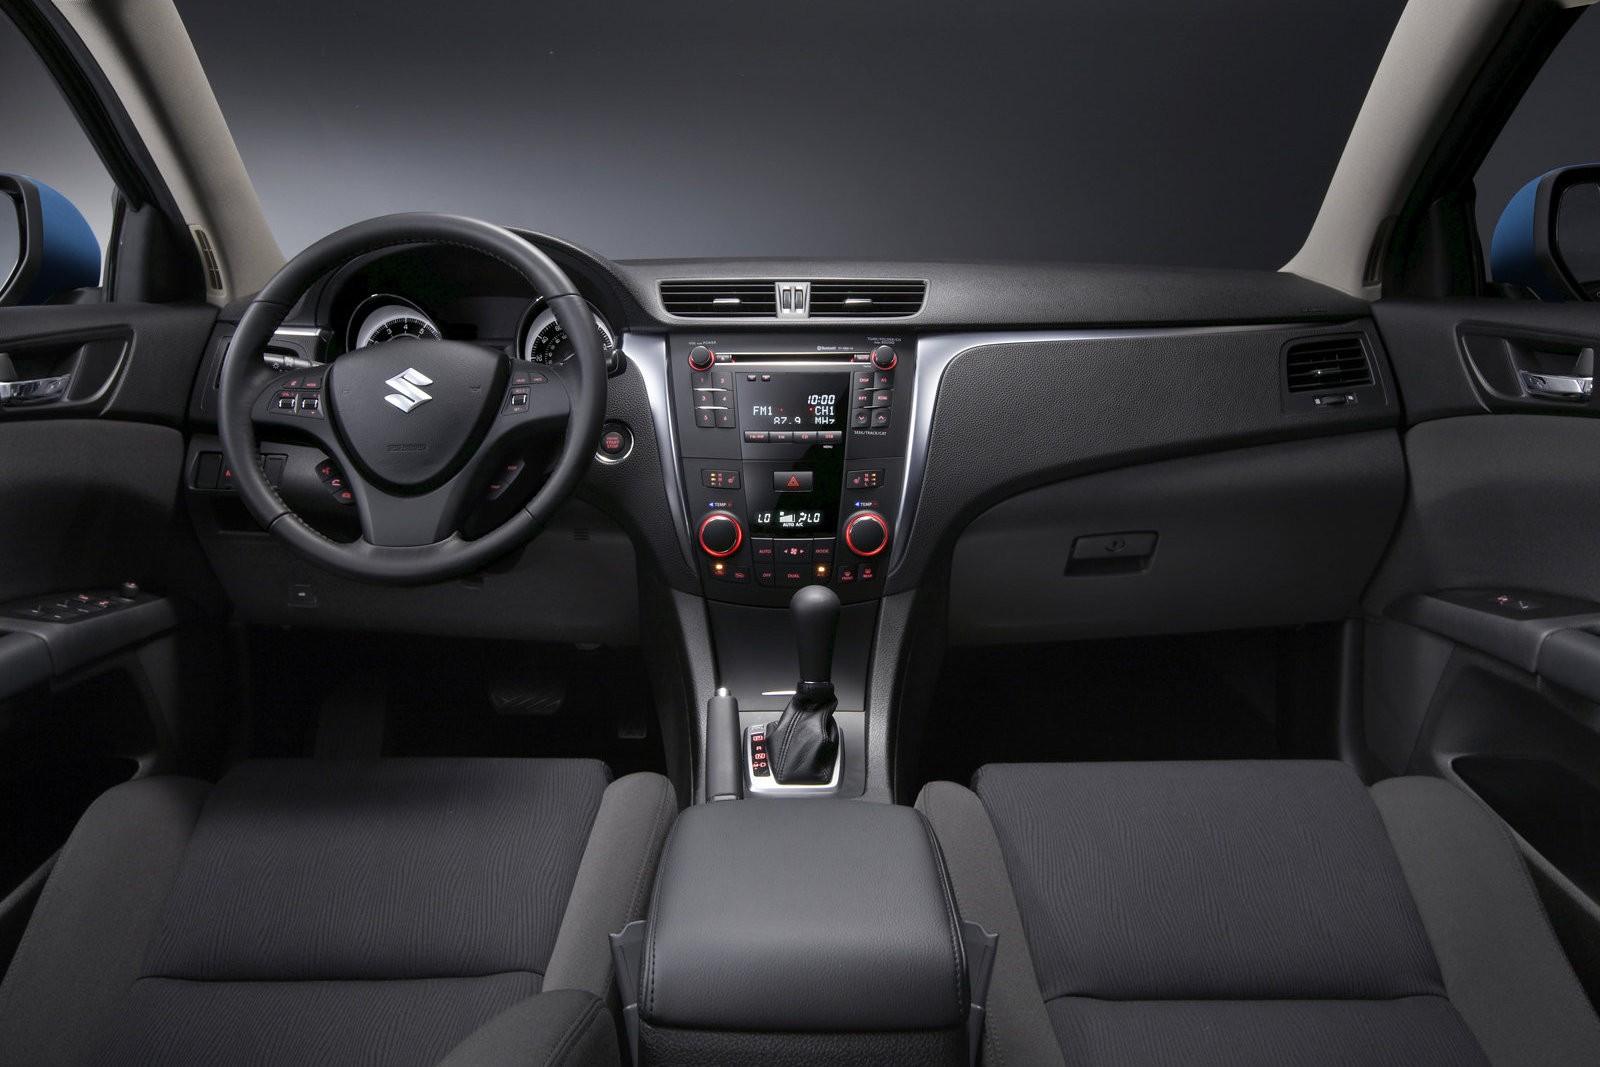 Немного драйва, немного эксклюзивности: стоит ли покупать Suzuki Kizashi за 700 тысяч рублей